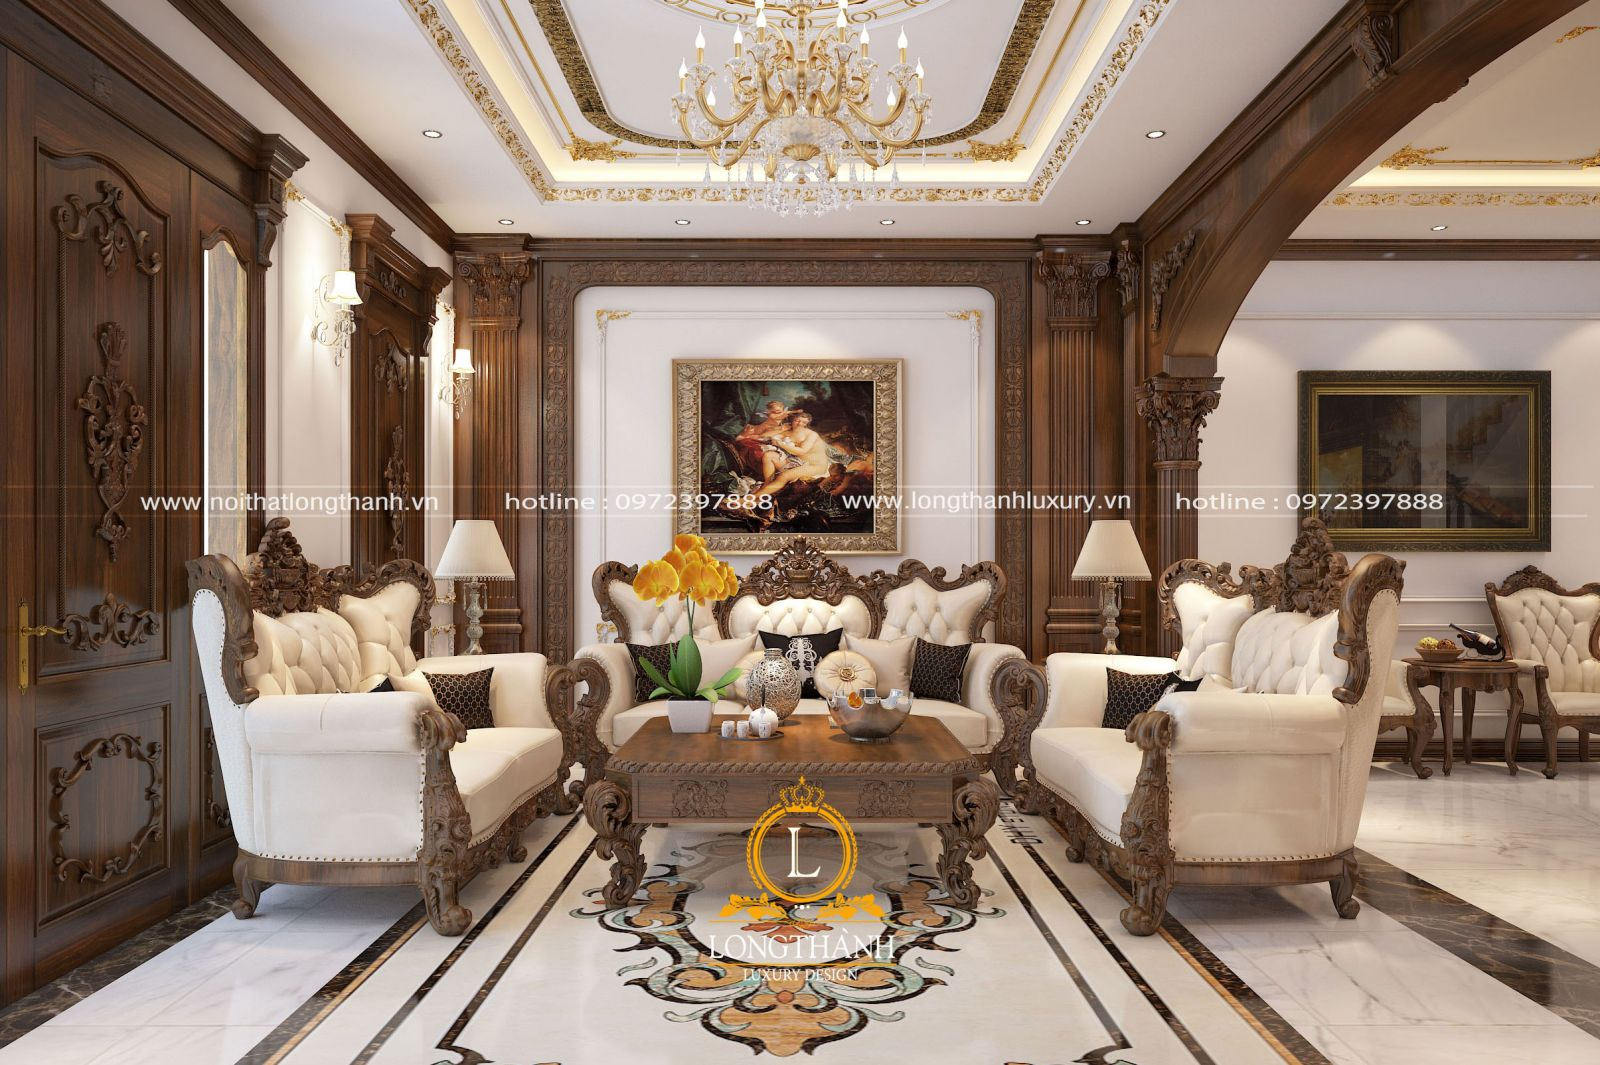 Sofa tân cổ điển cao cấp dễ dàng kết hợp với những đồ nội thất khác